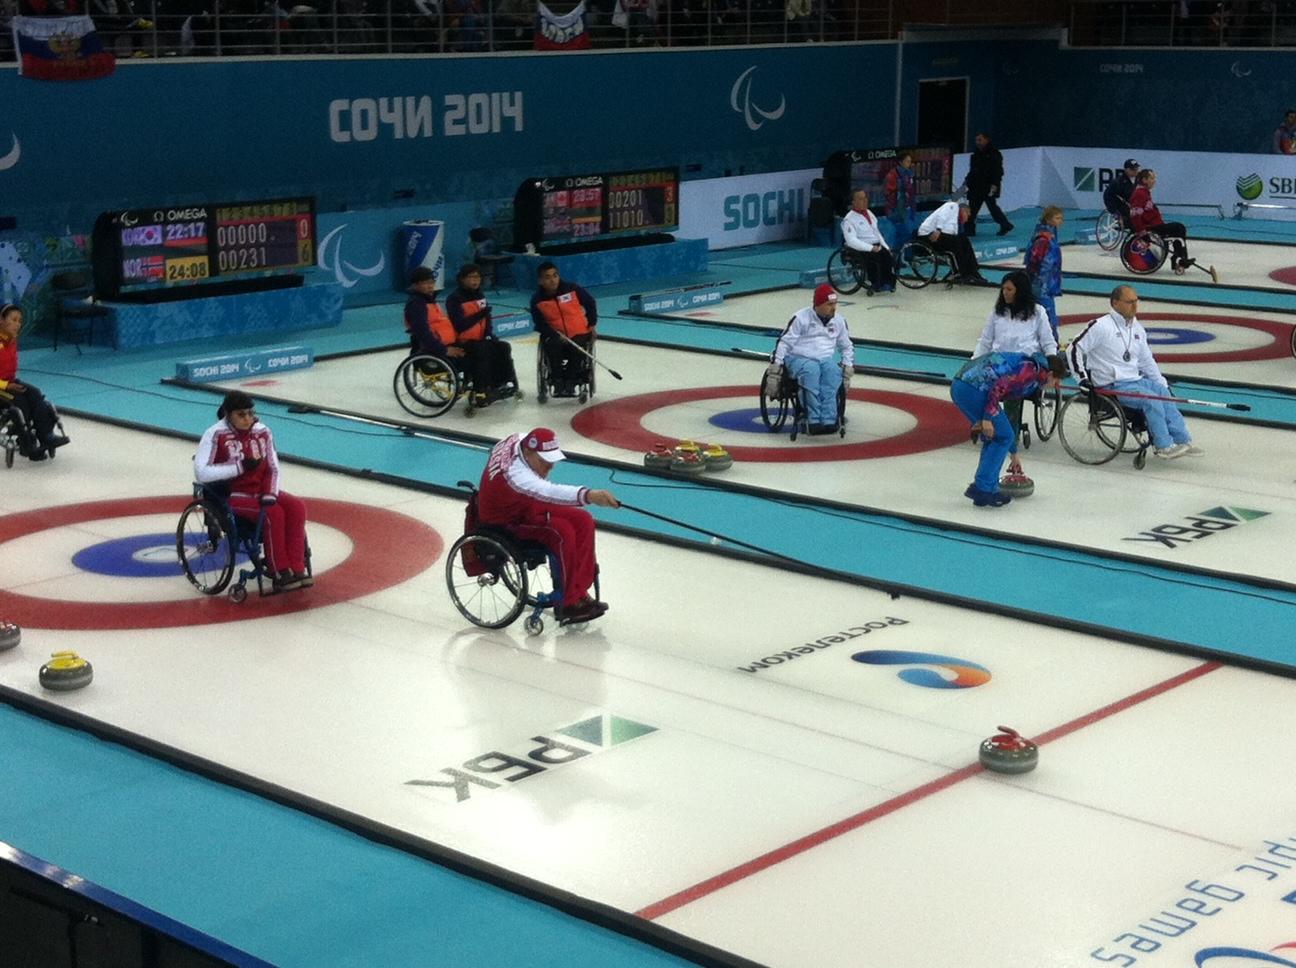 Сборная команда России по керлингу на колясках одержала первую победу на Паралимпийских зимних играх в г. Сочи, обыграв в круговом этапе сборную Китая со счетом 5:4